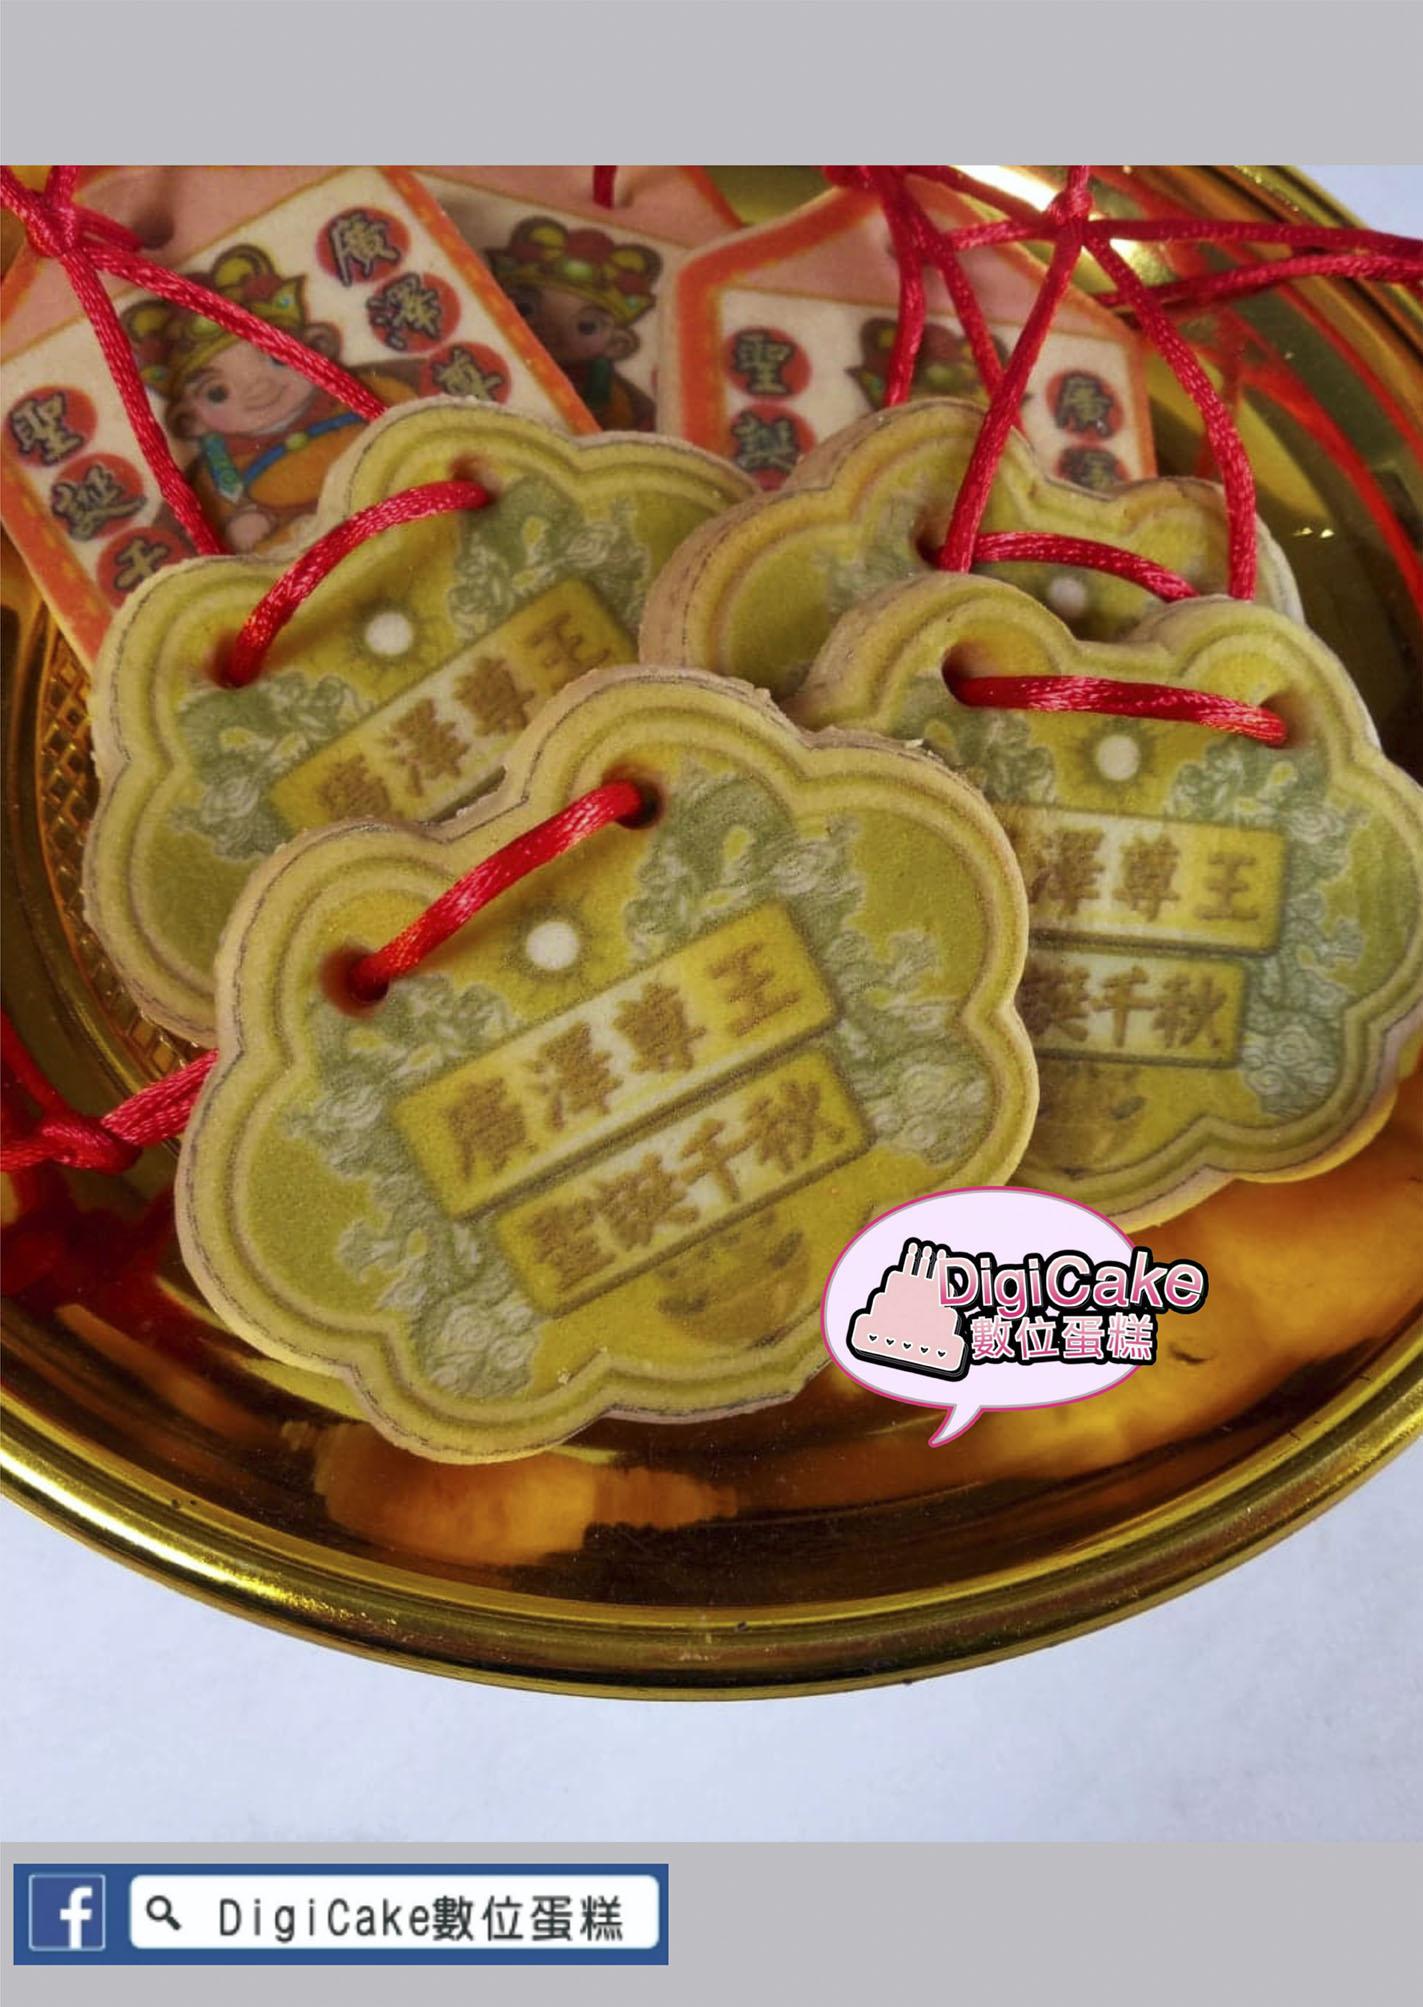 點此進入廣澤尊王直噴金牌餅的詳細資料!